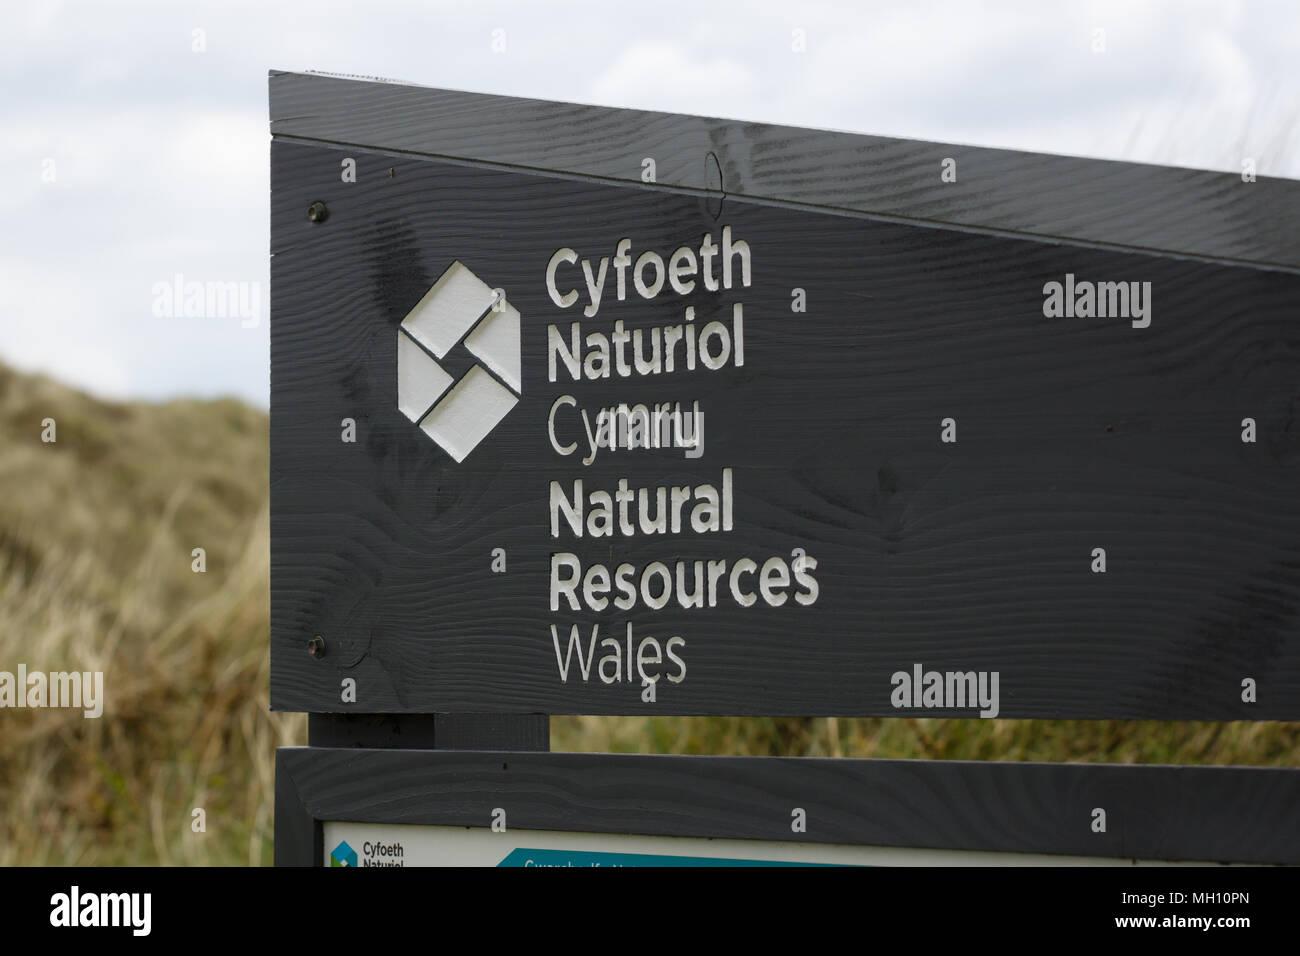 Recursos naturales Gales firmar en Harlech Beach. Un Welsh, organismo encargado del medio ambiente y los recursos naturales del País de Gales Imagen De Stock